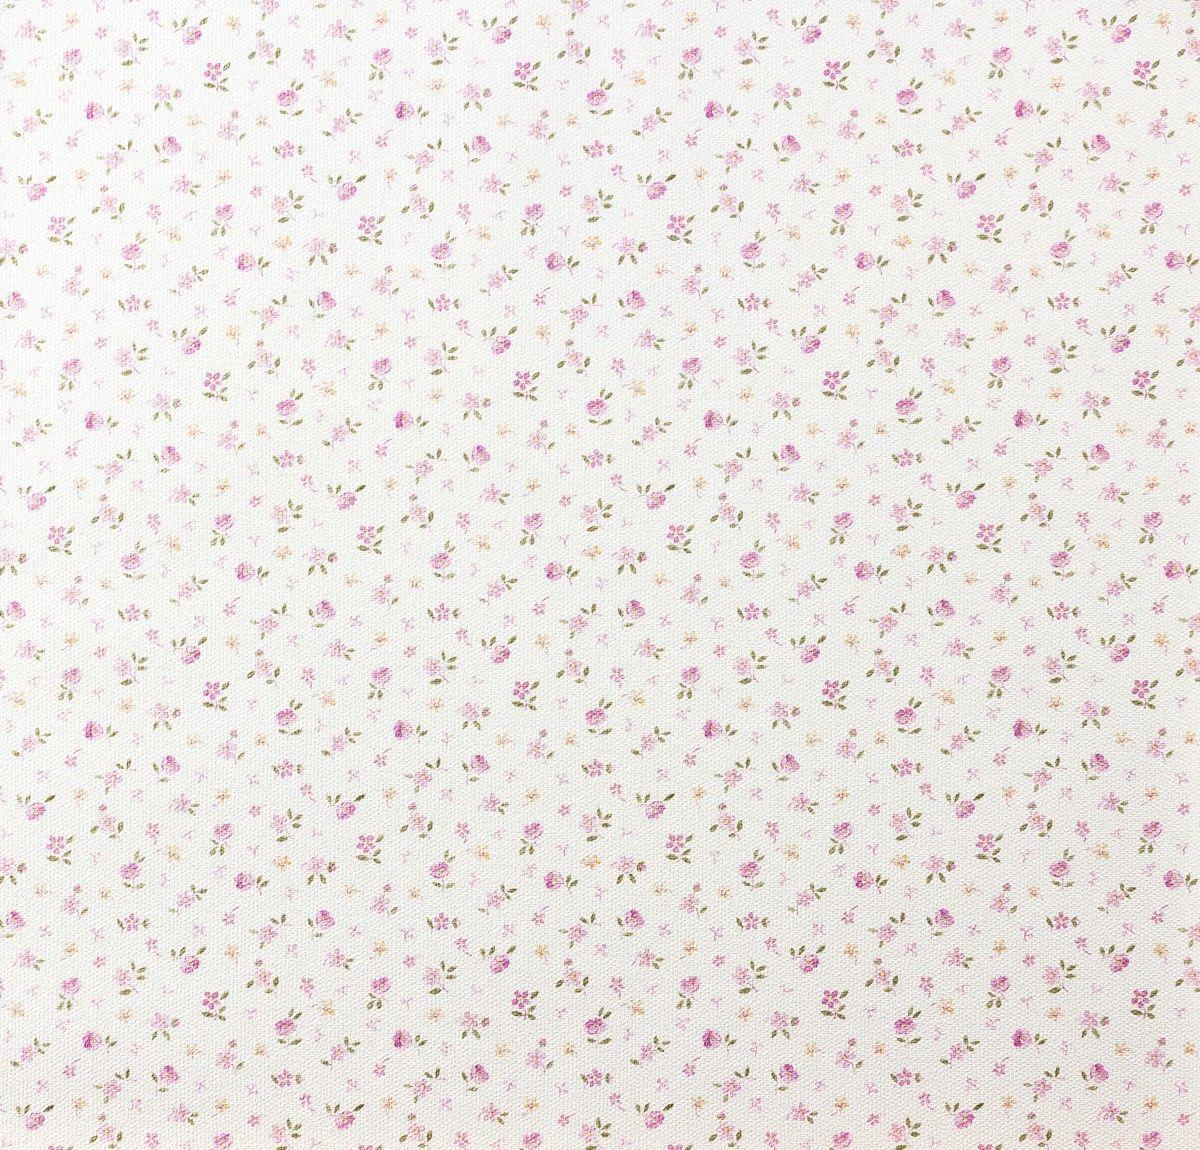 landhaus tapete fleuri pastel a s 93768 2 937682 bl mchen rosa gr n wei hintergrund. Black Bedroom Furniture Sets. Home Design Ideas